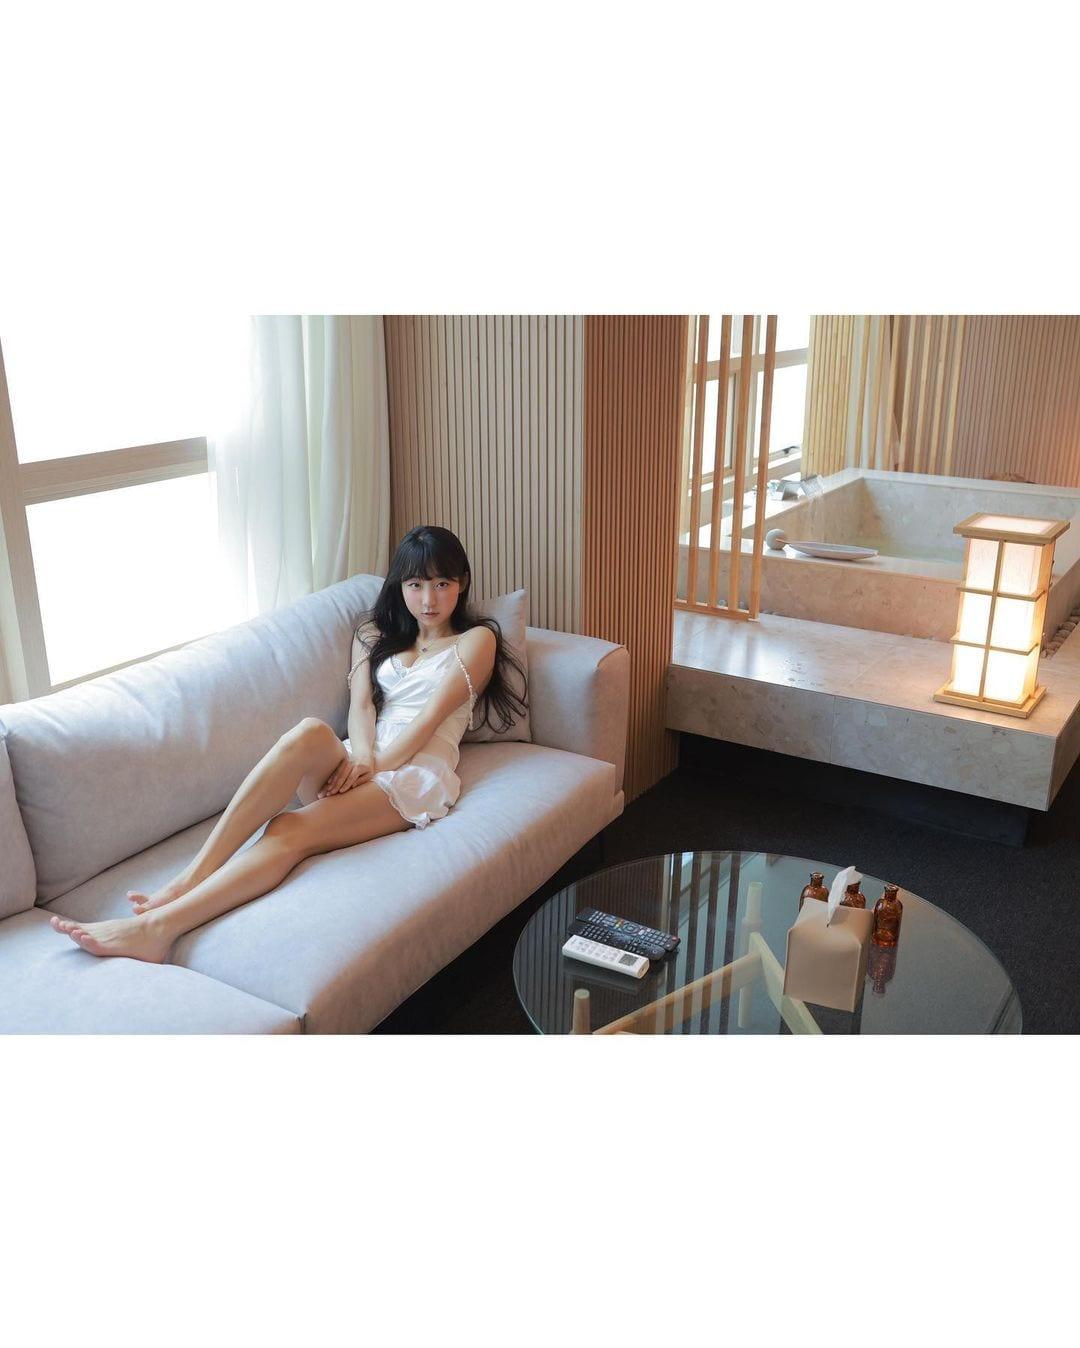 ピョ・ウンジ「シュミーズ姿にドキっ」ホテルとのタイアップでセクシーにお部屋紹介【画像6枚】の画像001